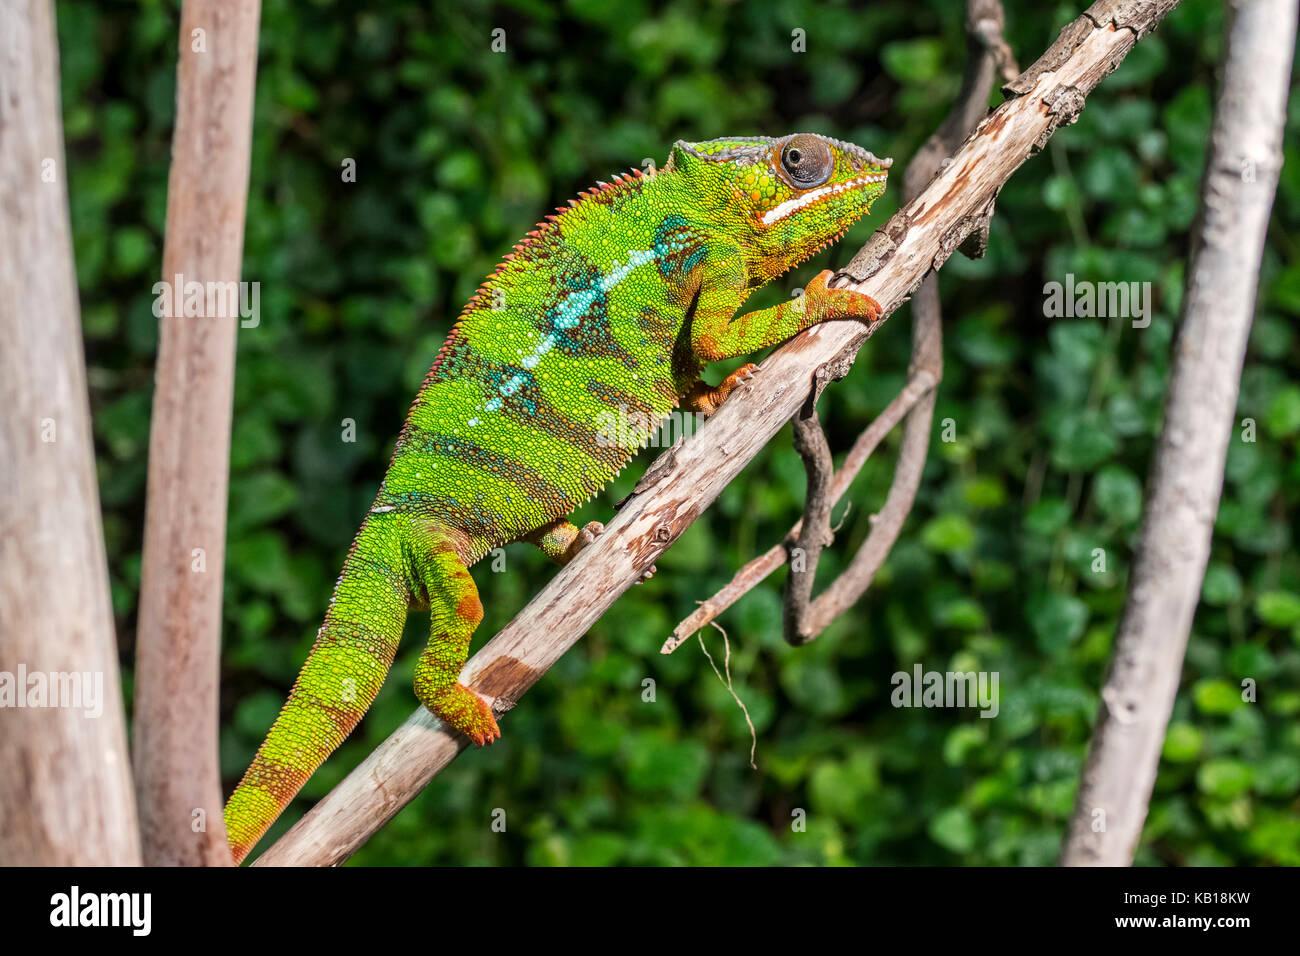 Panther chameleon (Furcifer pardalis) im Baum, beheimatet in Madagaskar Stockbild